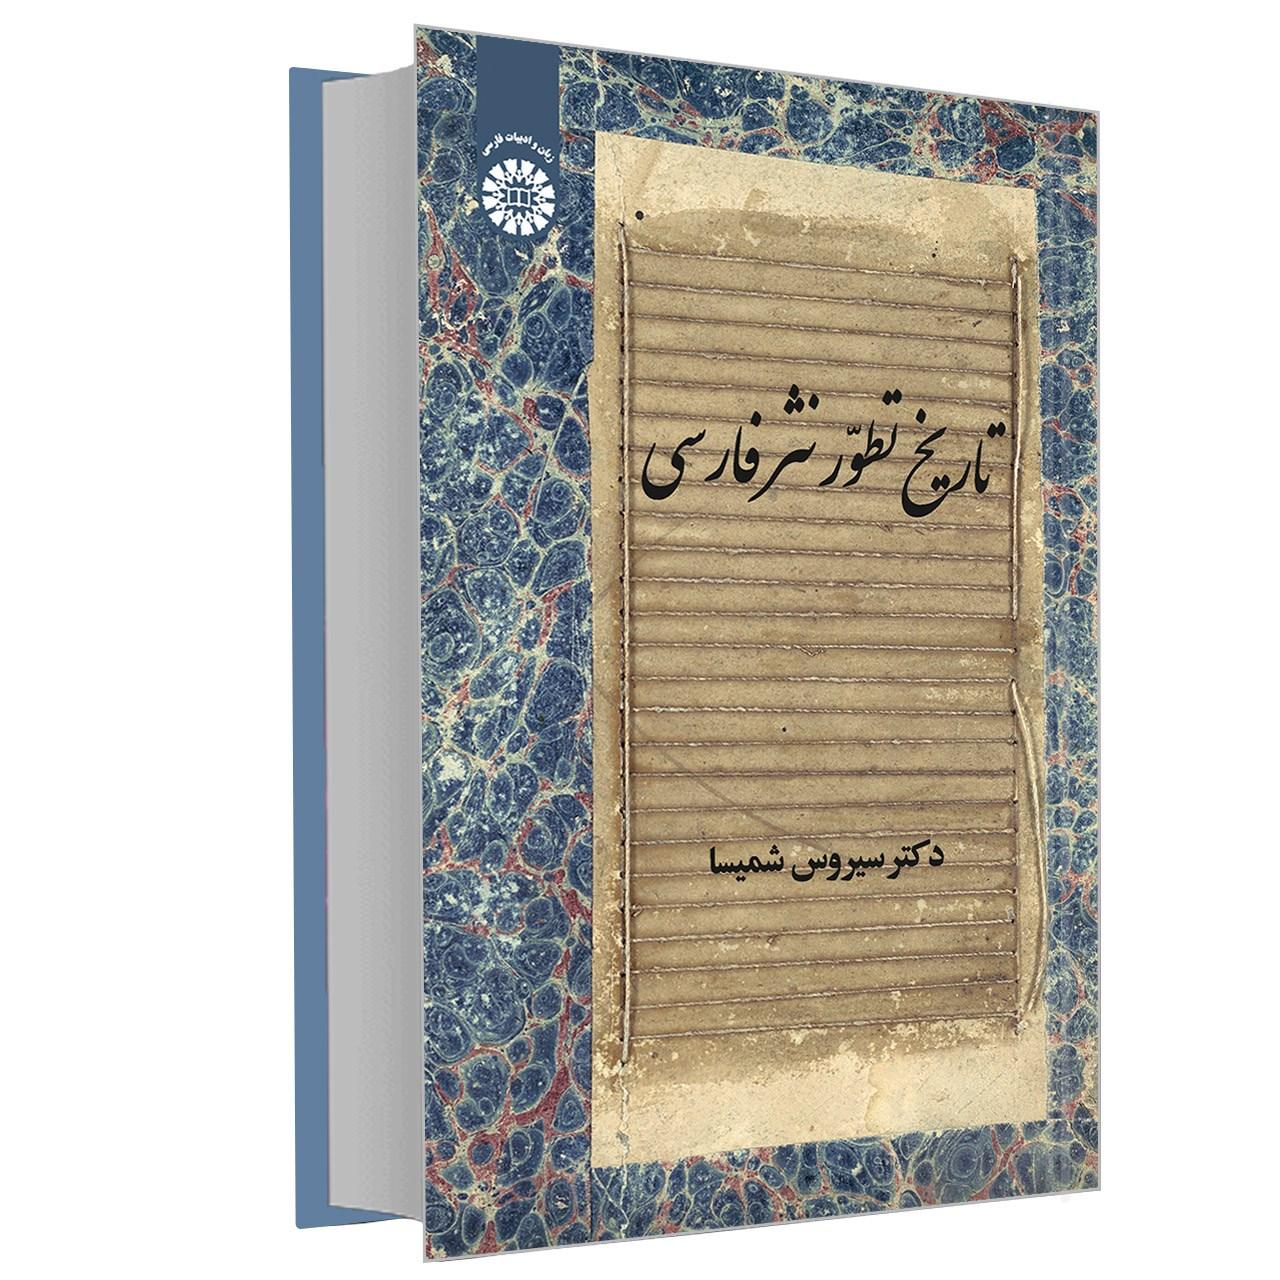 خرید                      کتاب تاریخ تطور نثر فارسی اثر دکتر سیروس شمیسا نشر سمت